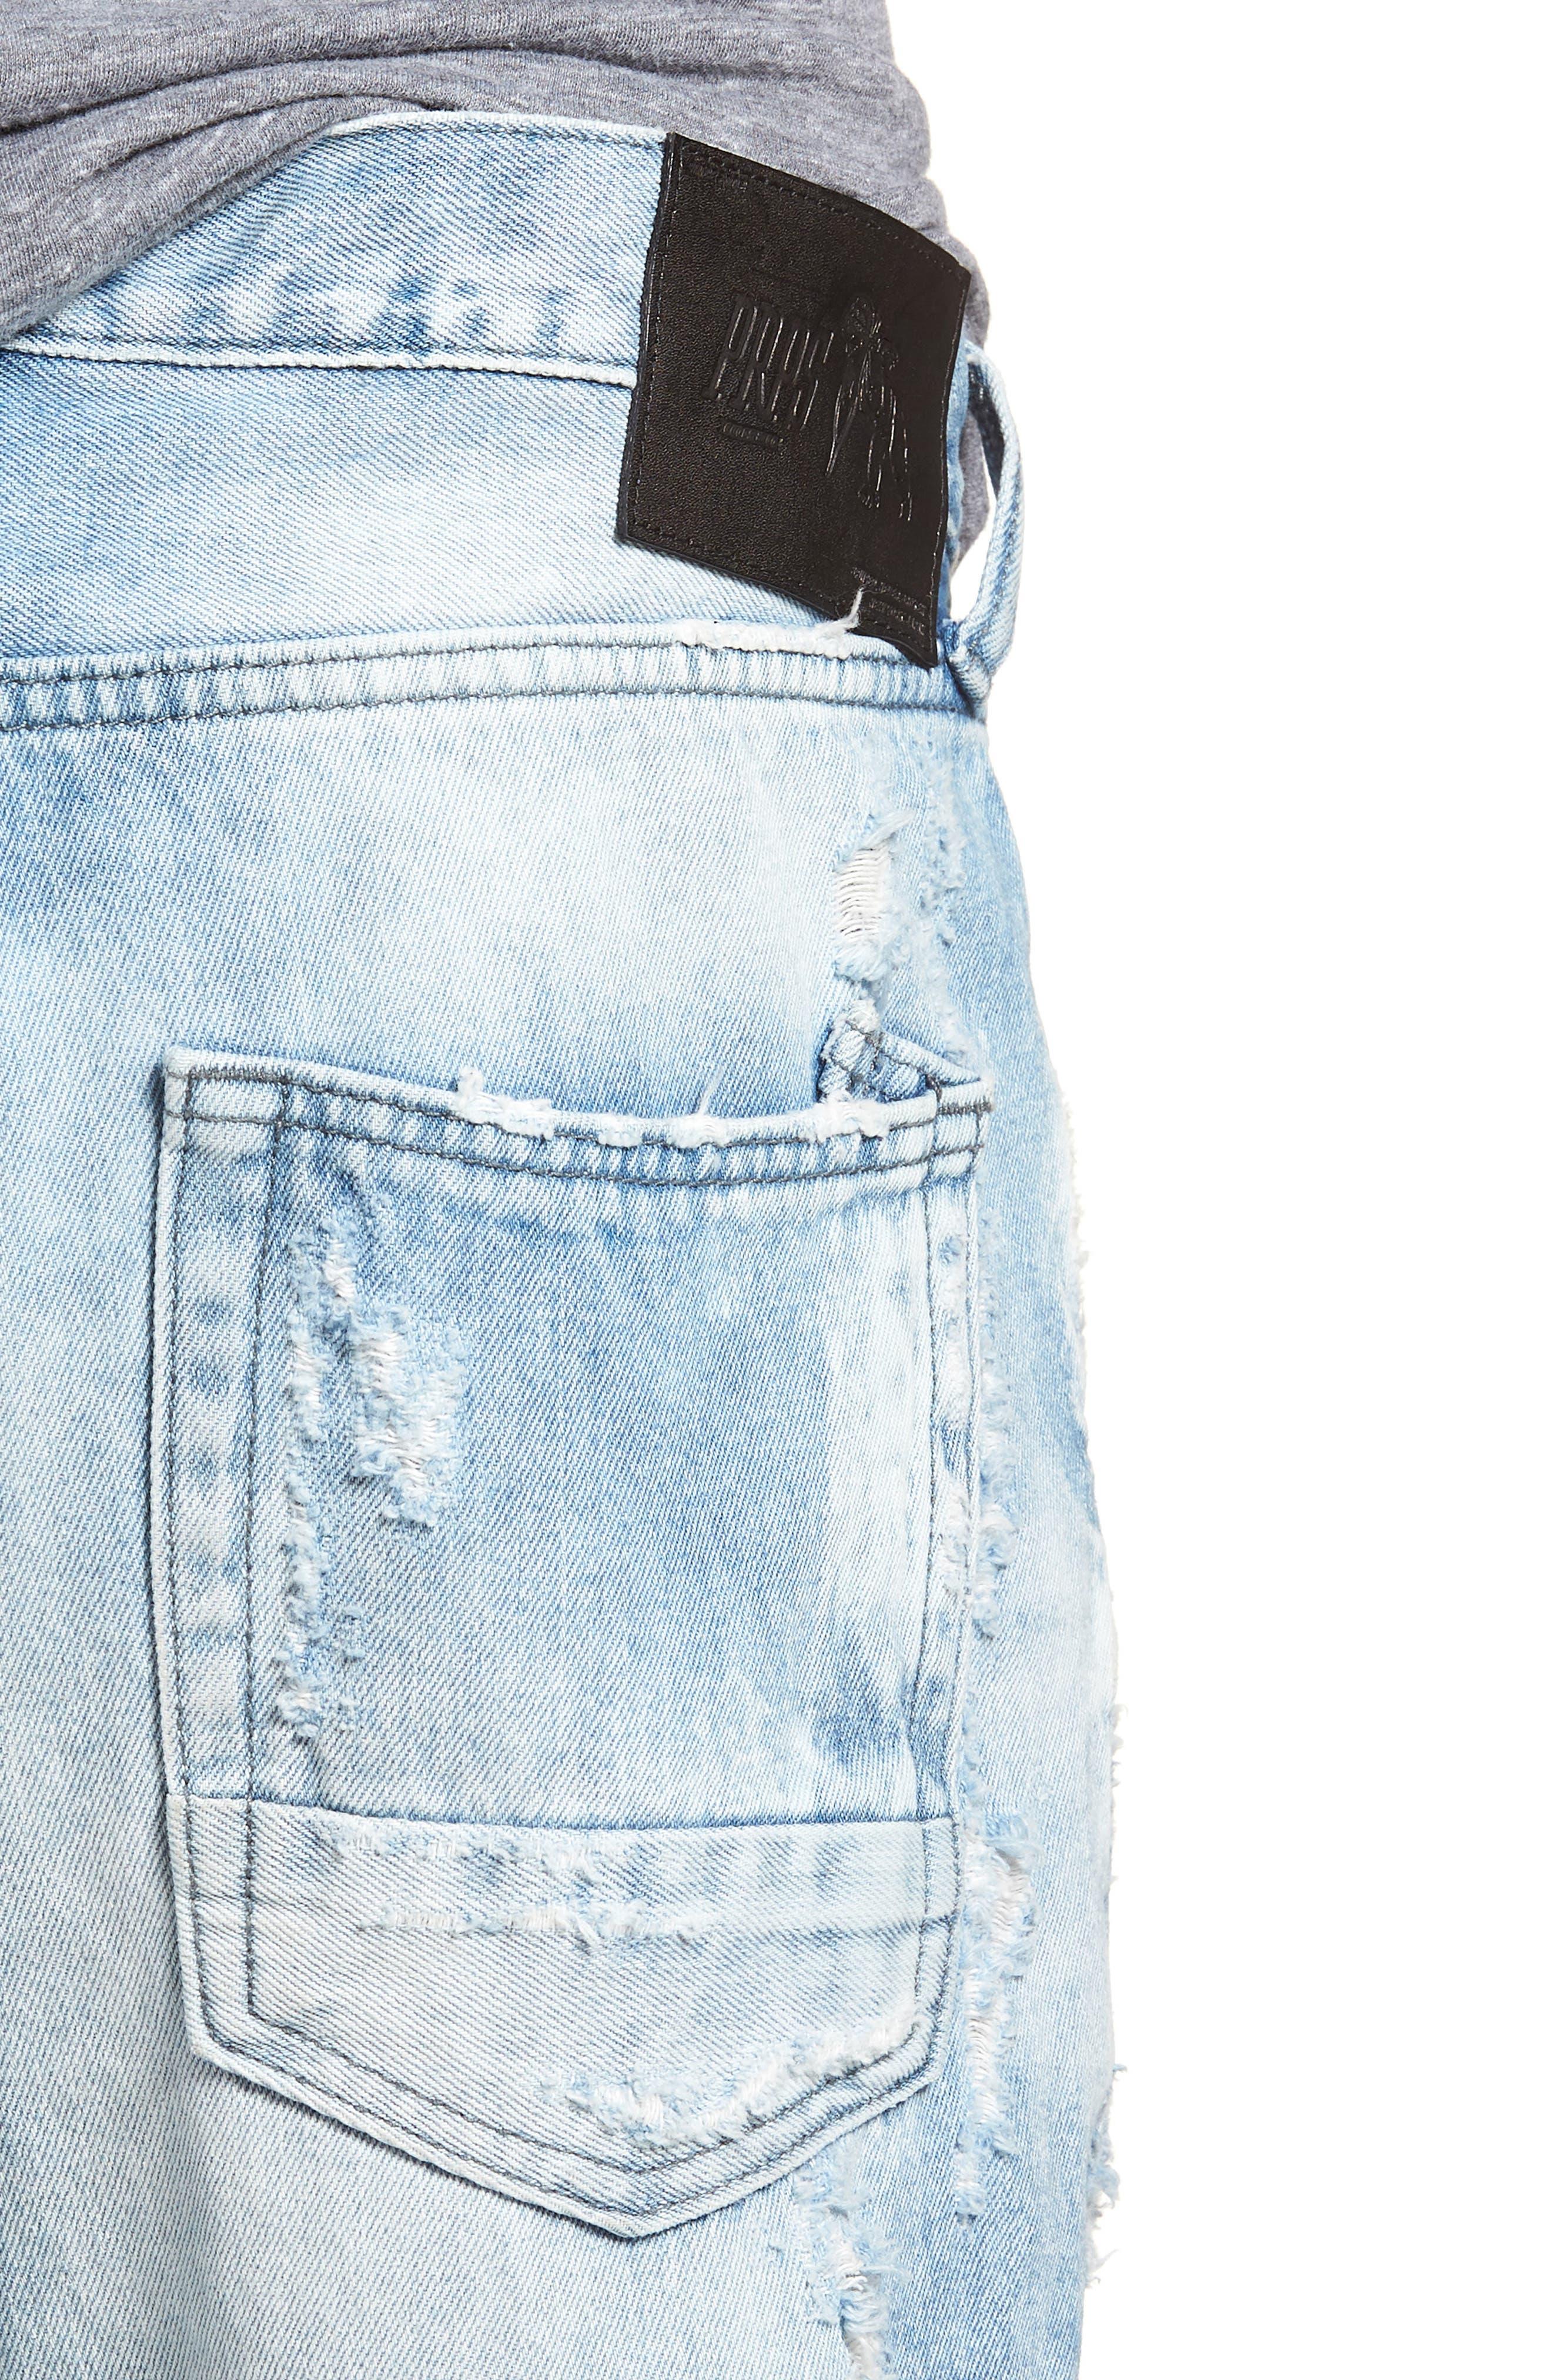 Le Sabre Slim Fit Jeans,                             Alternate thumbnail 4, color,                             Tenderness